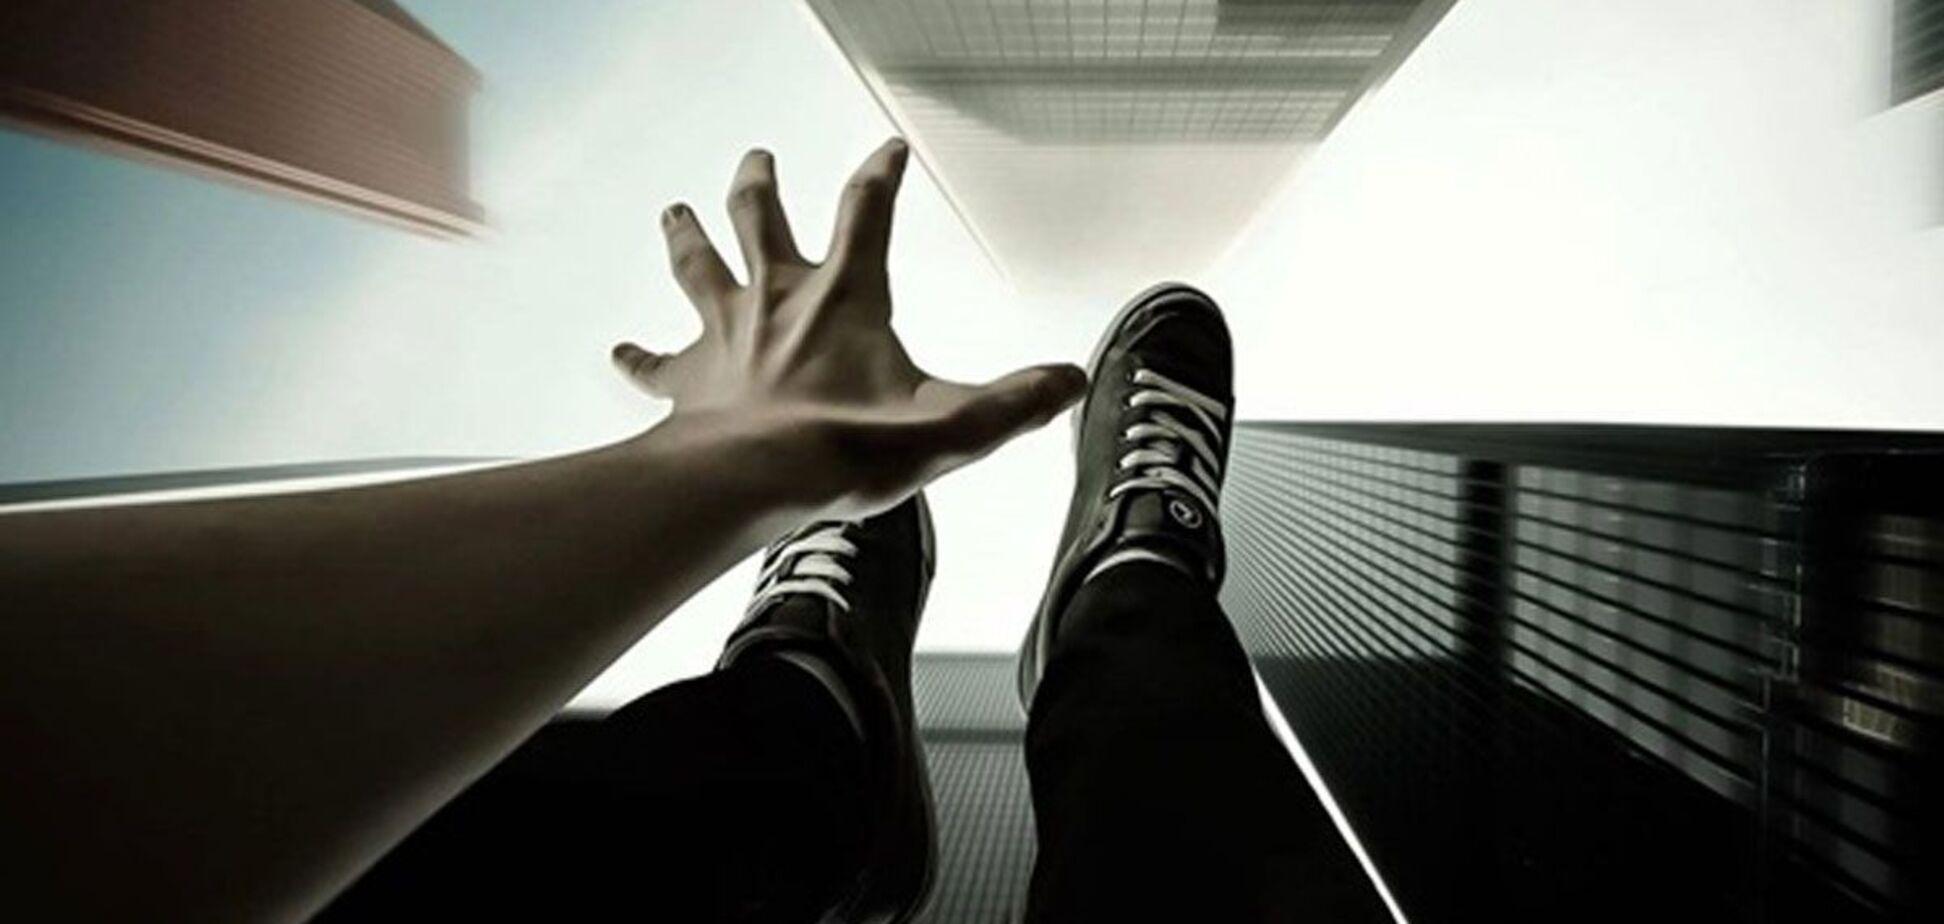 Підліток стрибнув із семиповерхівки